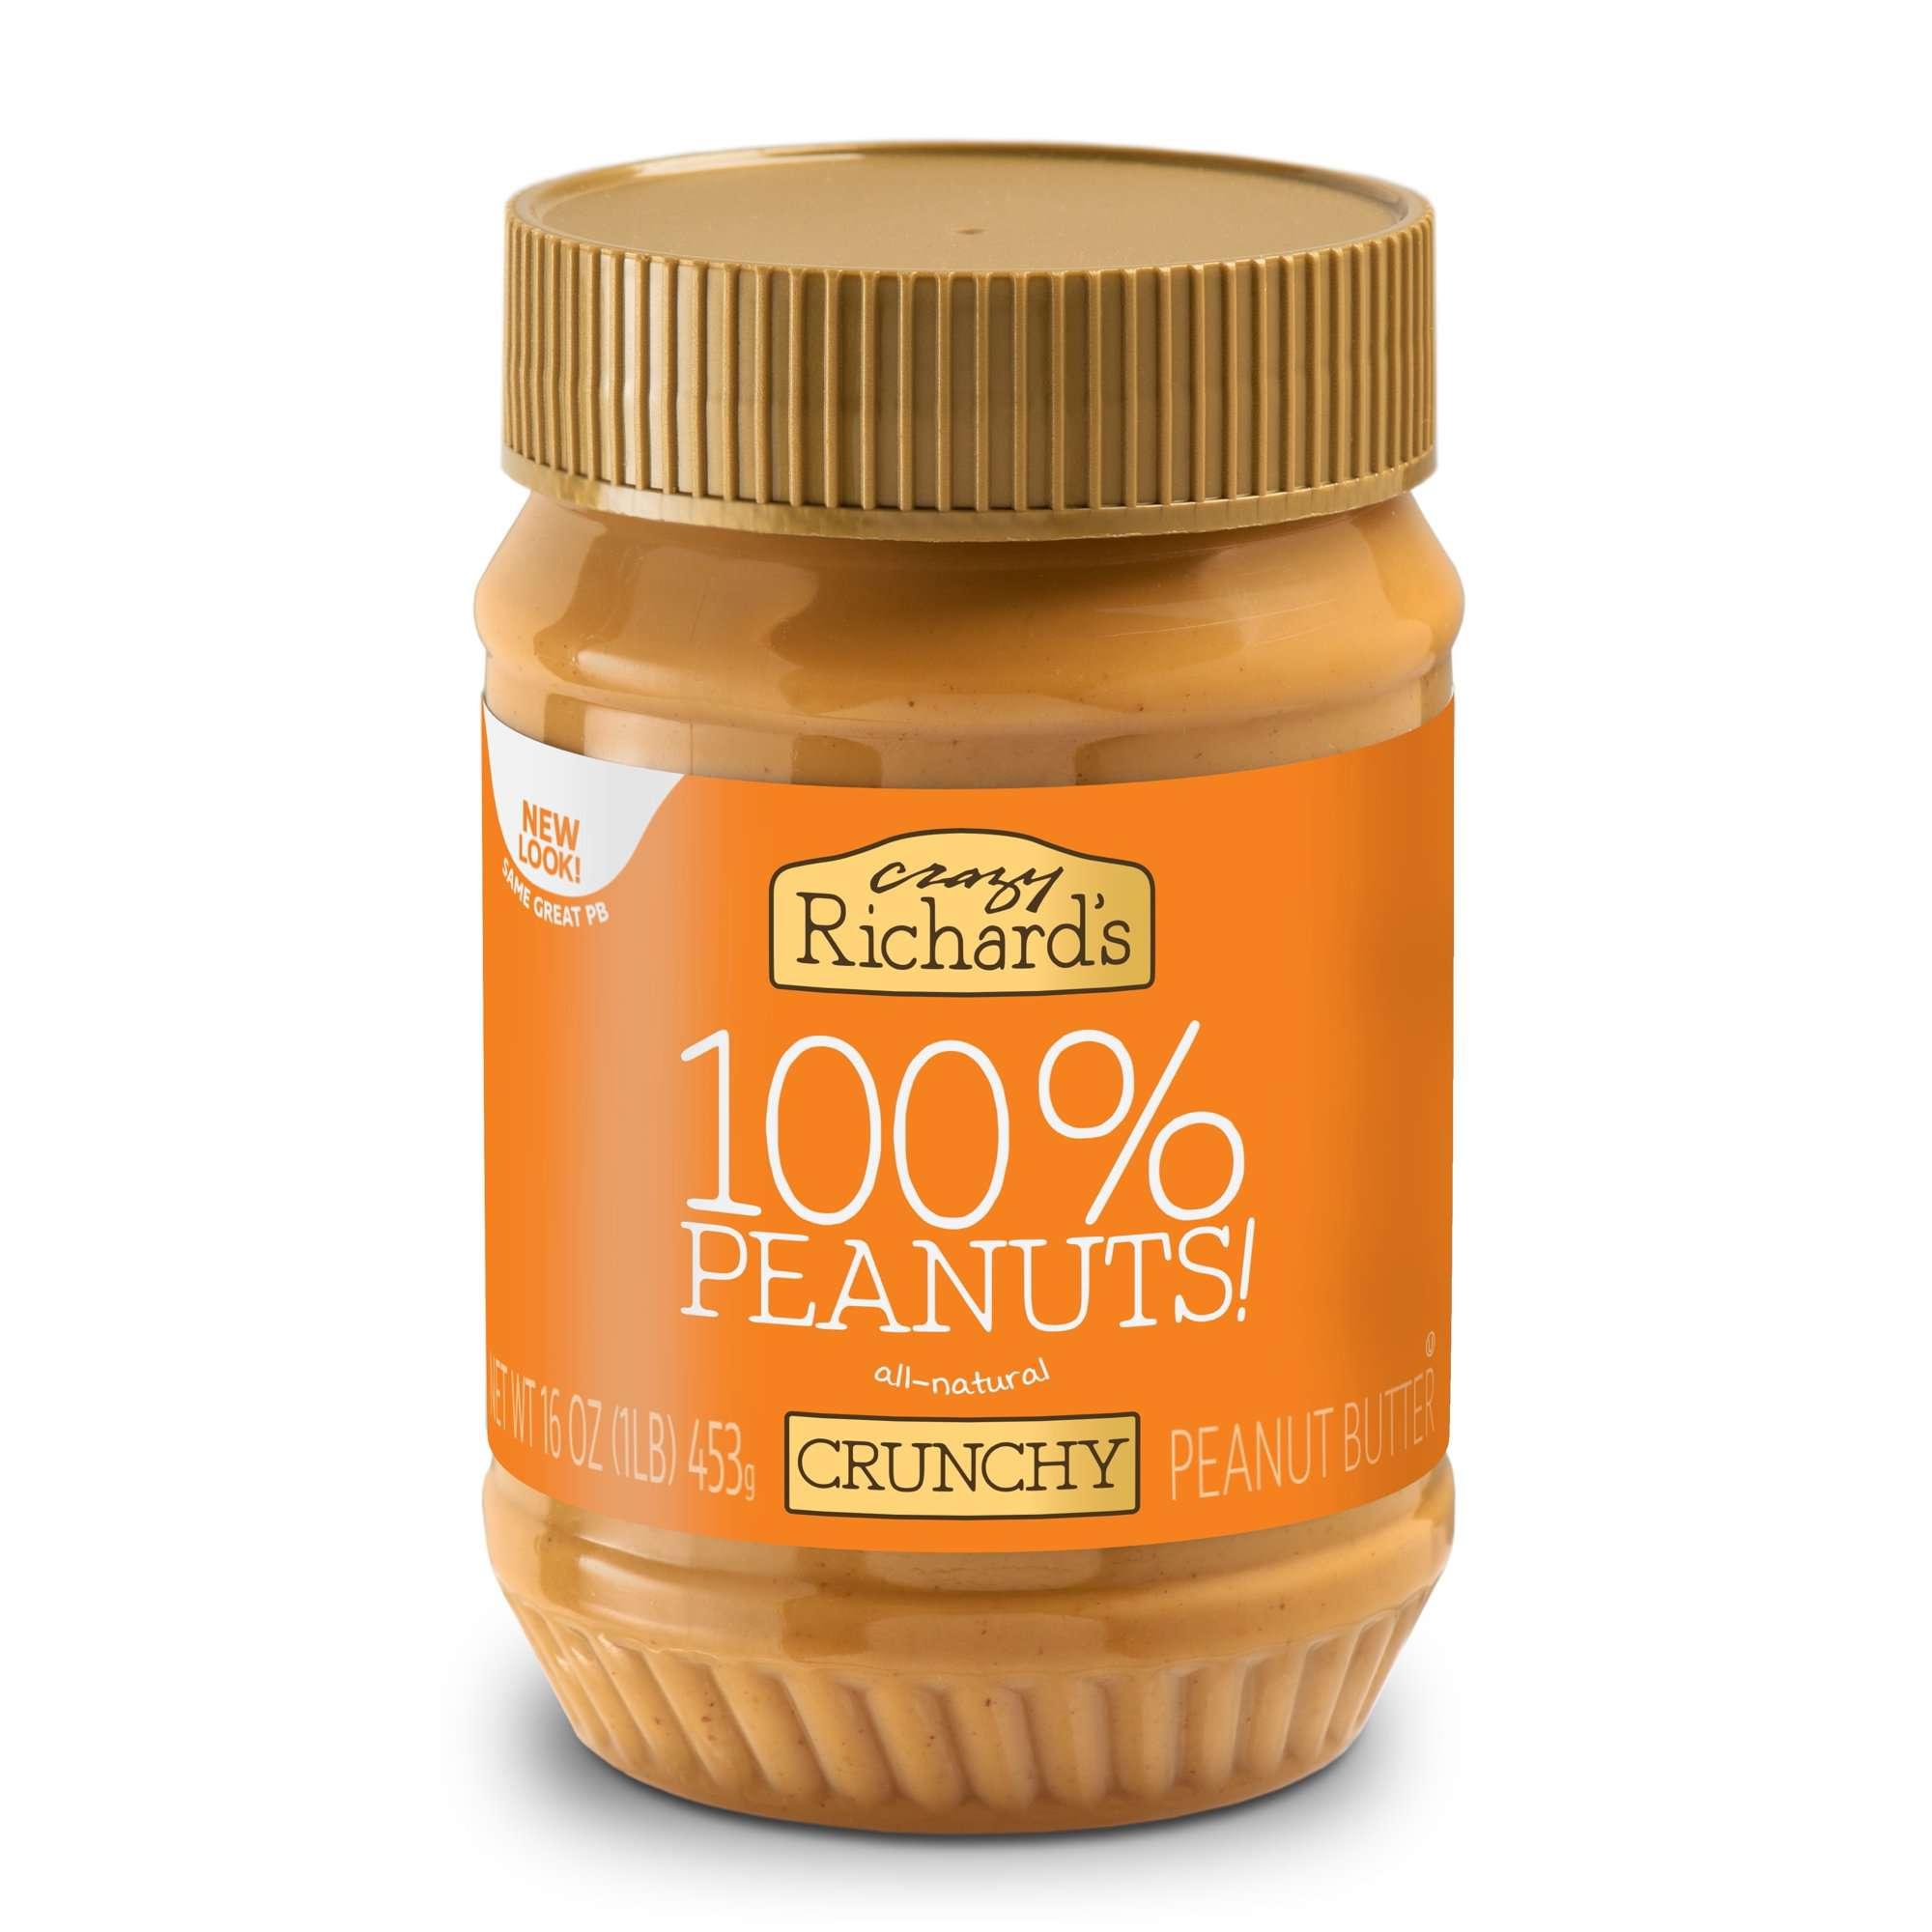 Crazy Richard's Crunchy Peanut Butter